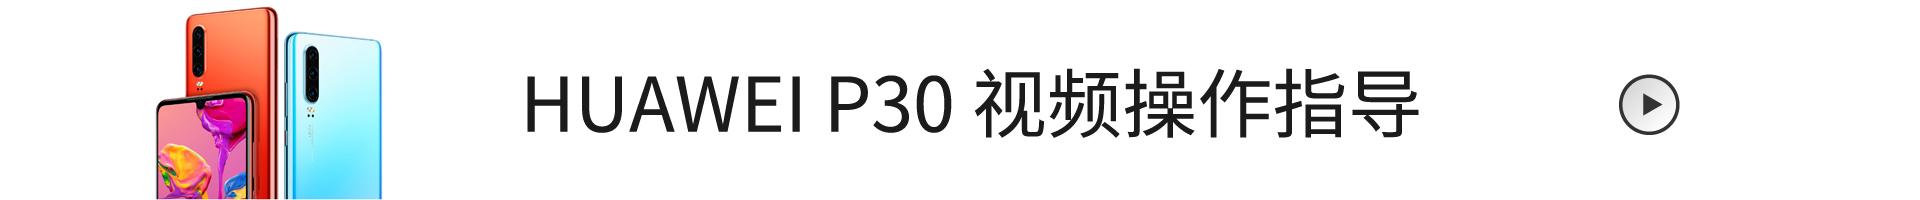 华为商城-华为P30 -1920版本.jpg